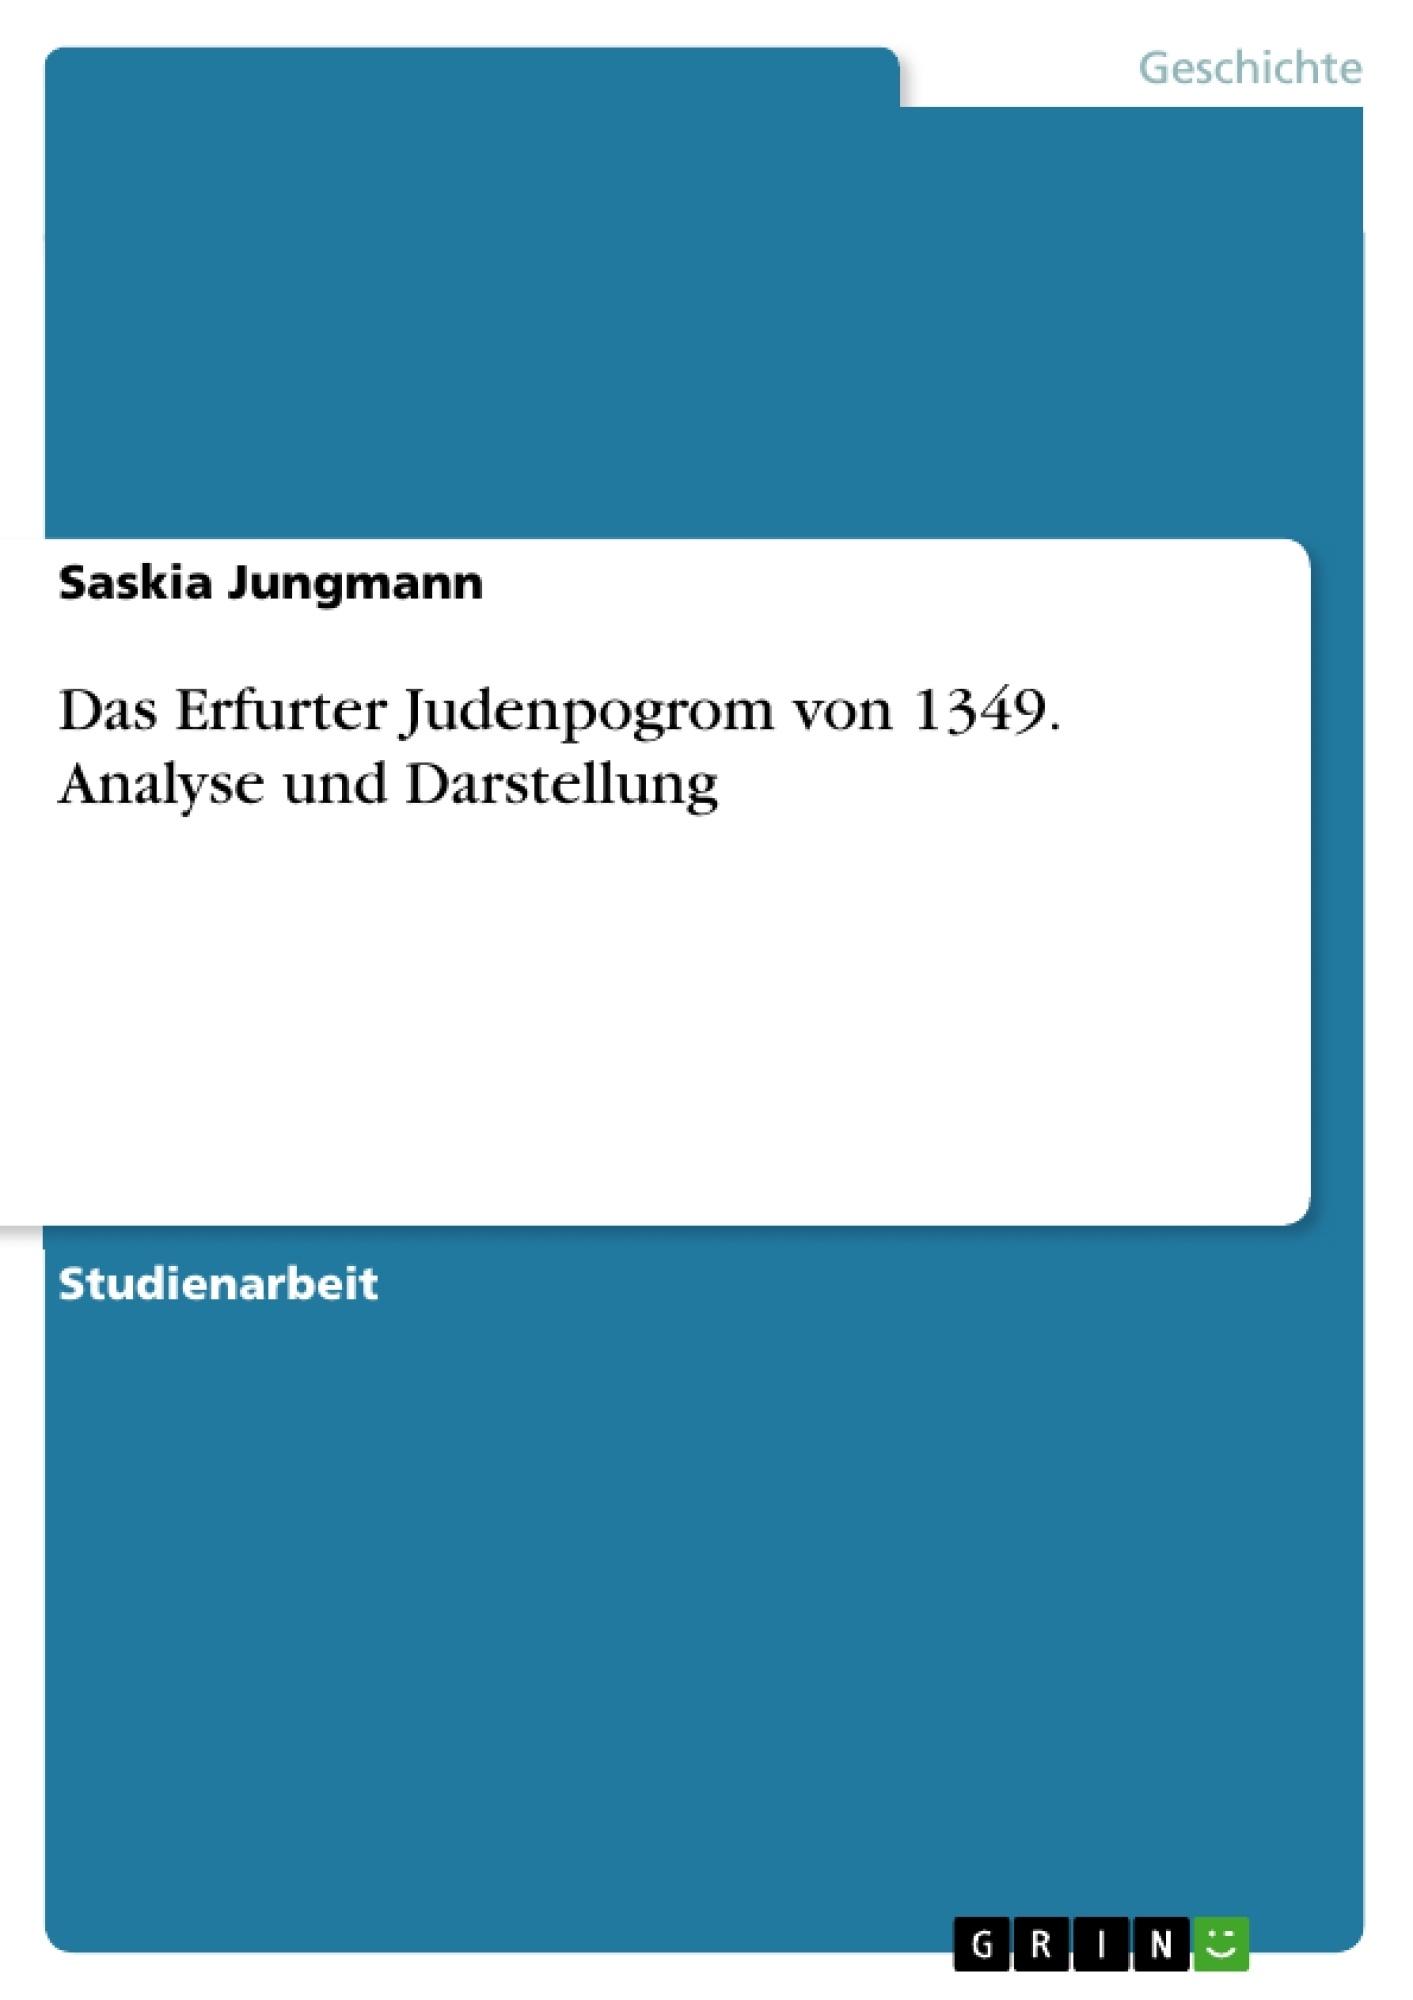 Titel: Das Erfurter Judenpogrom von 1349. Analyse und Darstellung